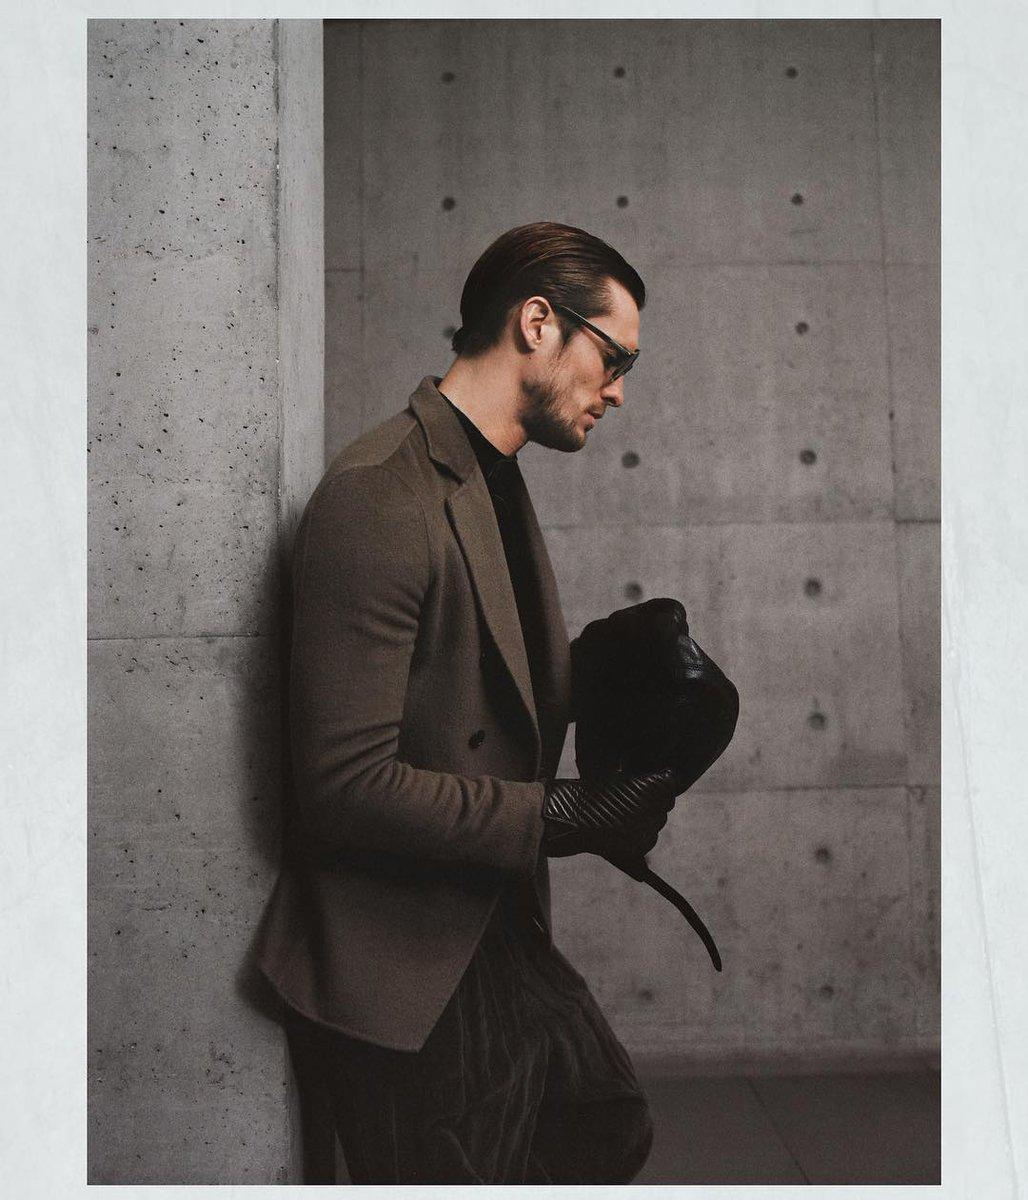 ジョルジオ アルマーニ 2018-19年秋冬メンズ・コレクションからーミラノの街並みに溶け込む、温かみのあるアースカラー。#GiorgioArmani #mfw https://t.co/VDnwbbrneX